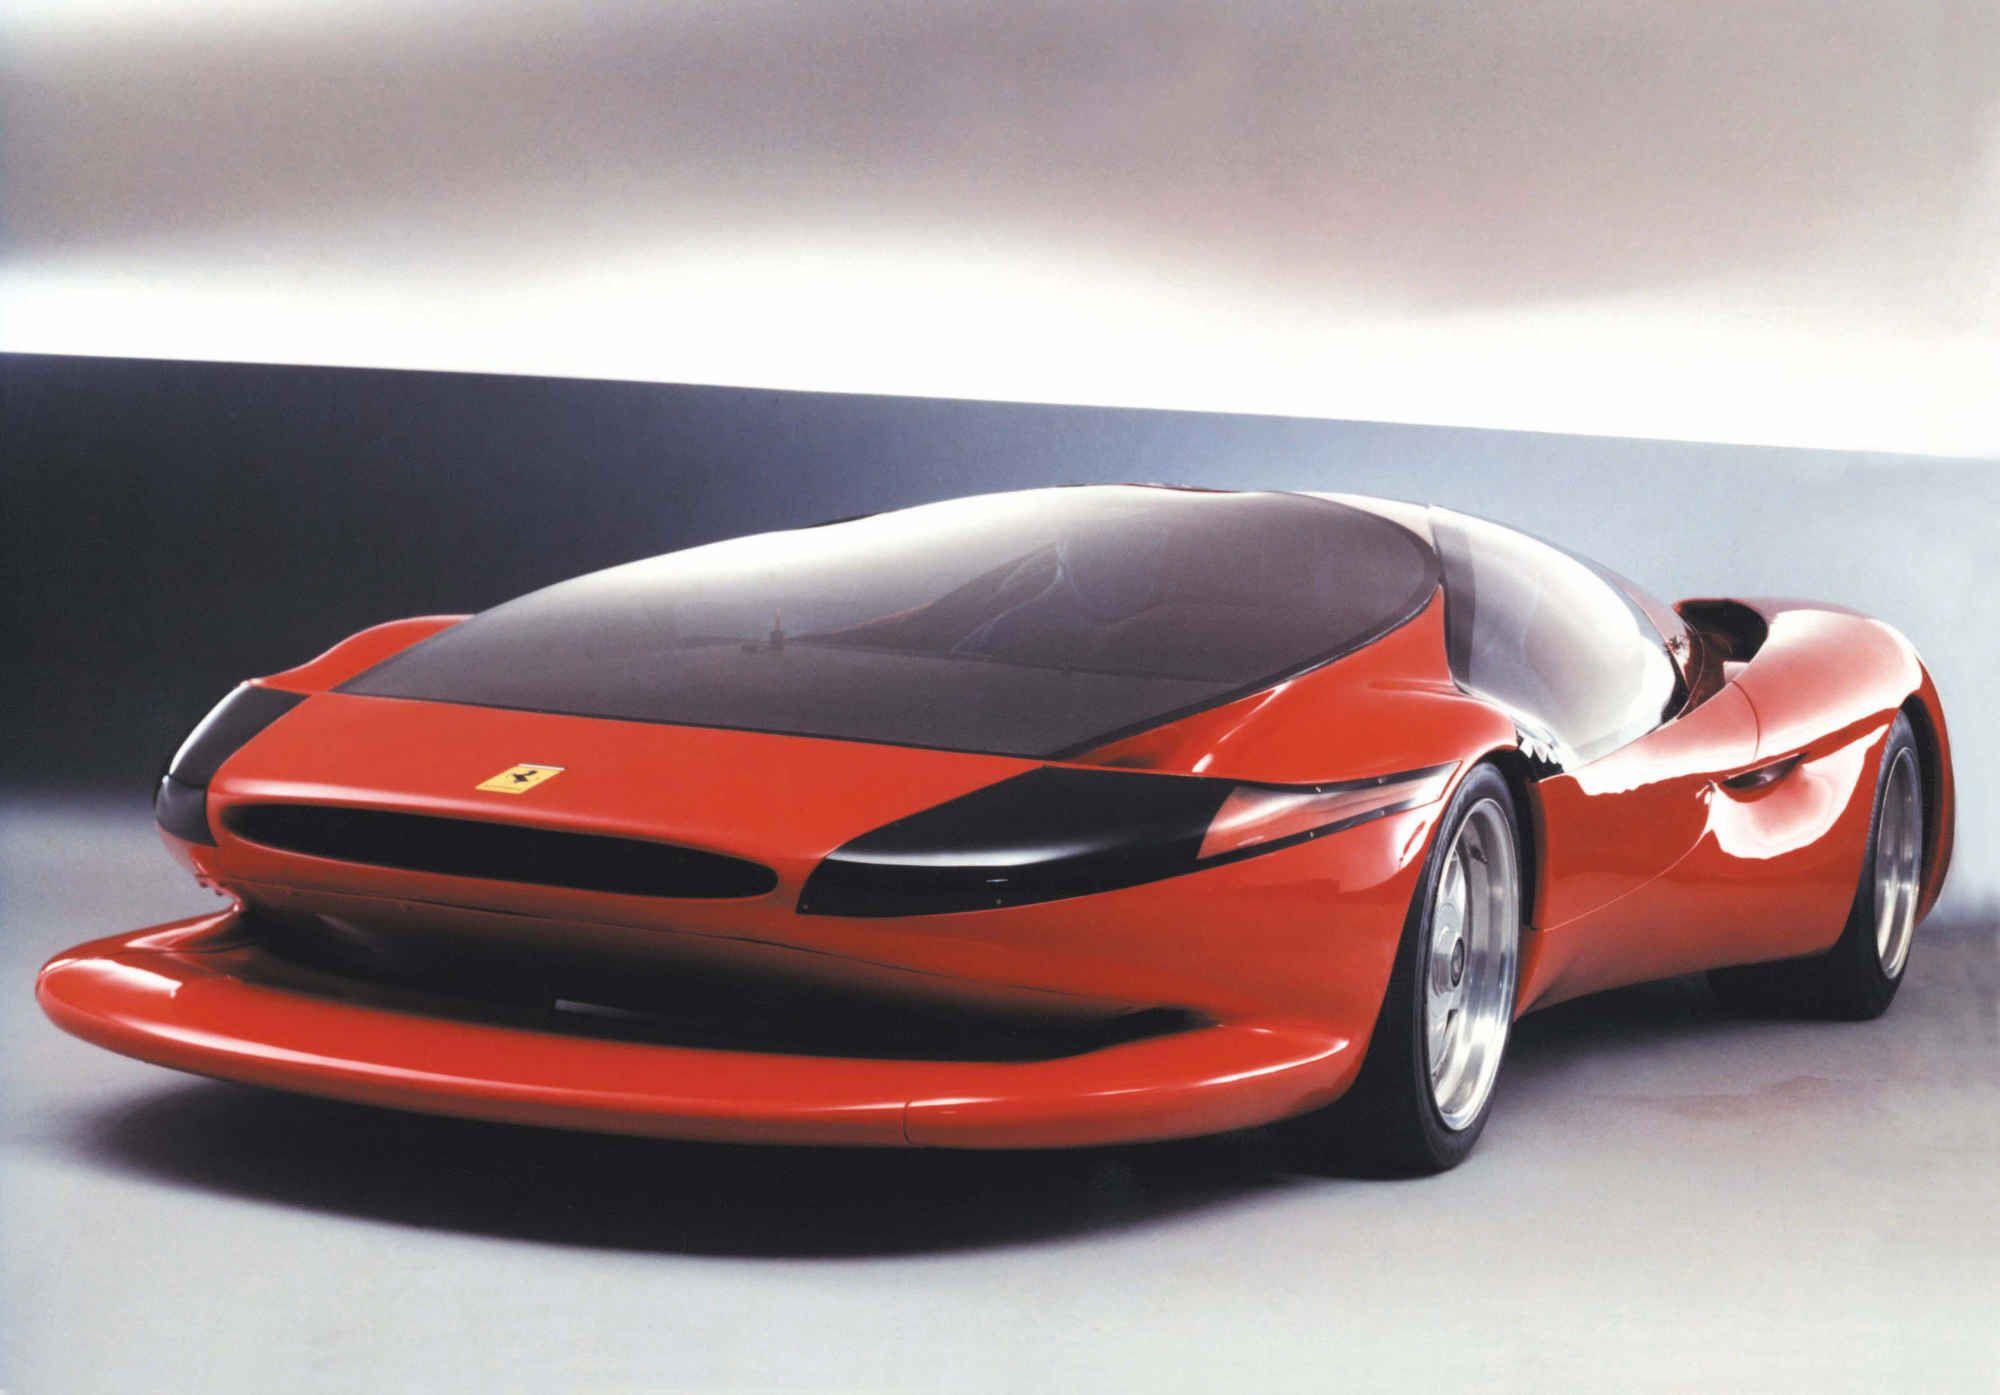 89c752caffec557414916e7b24fea129 Fabulous Ferrari Mondial T In Vendita Cars Trend